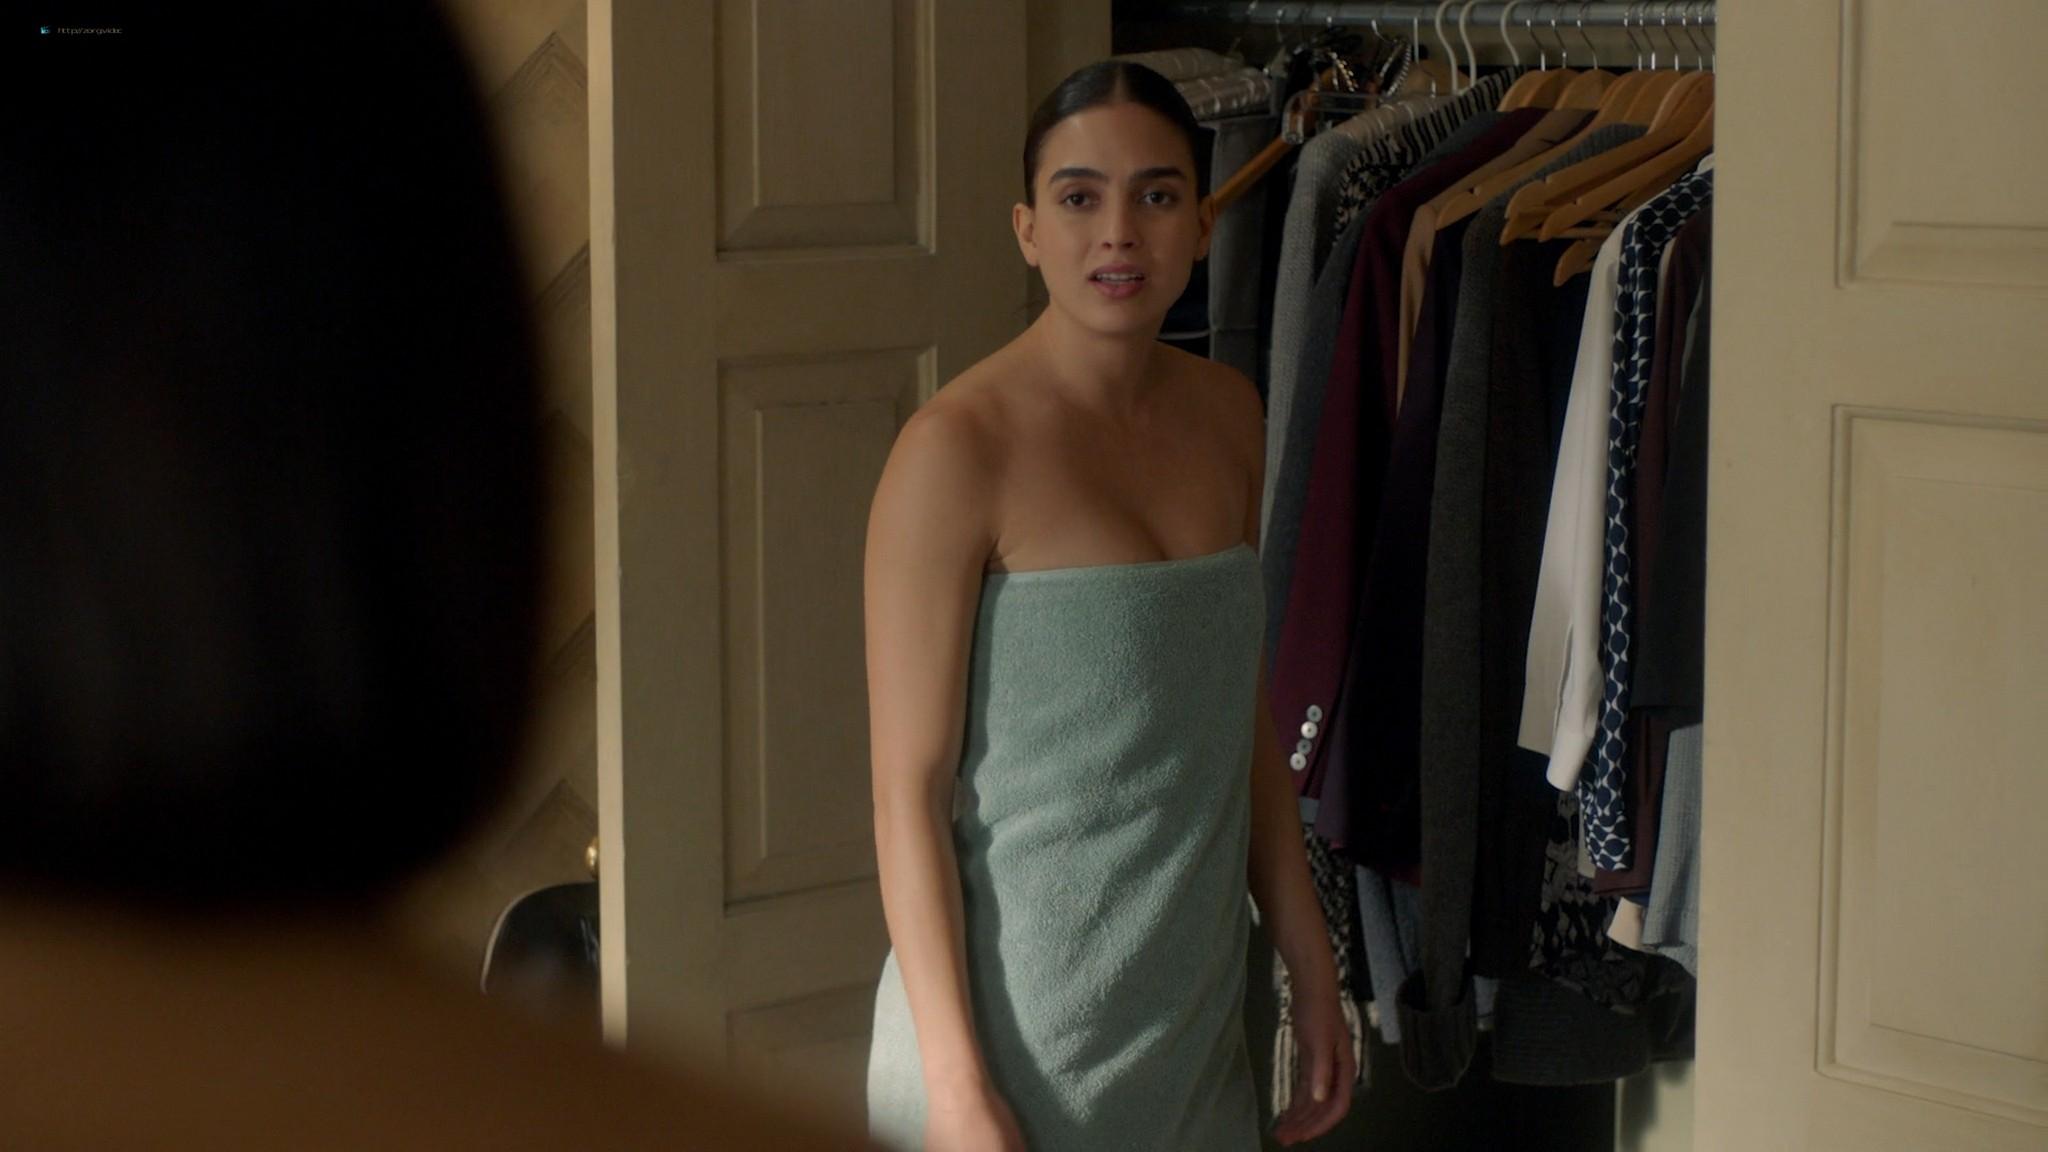 Melissa Barrera nude side boob - Vida (2020) s3e5 HD 1080p Web (8)